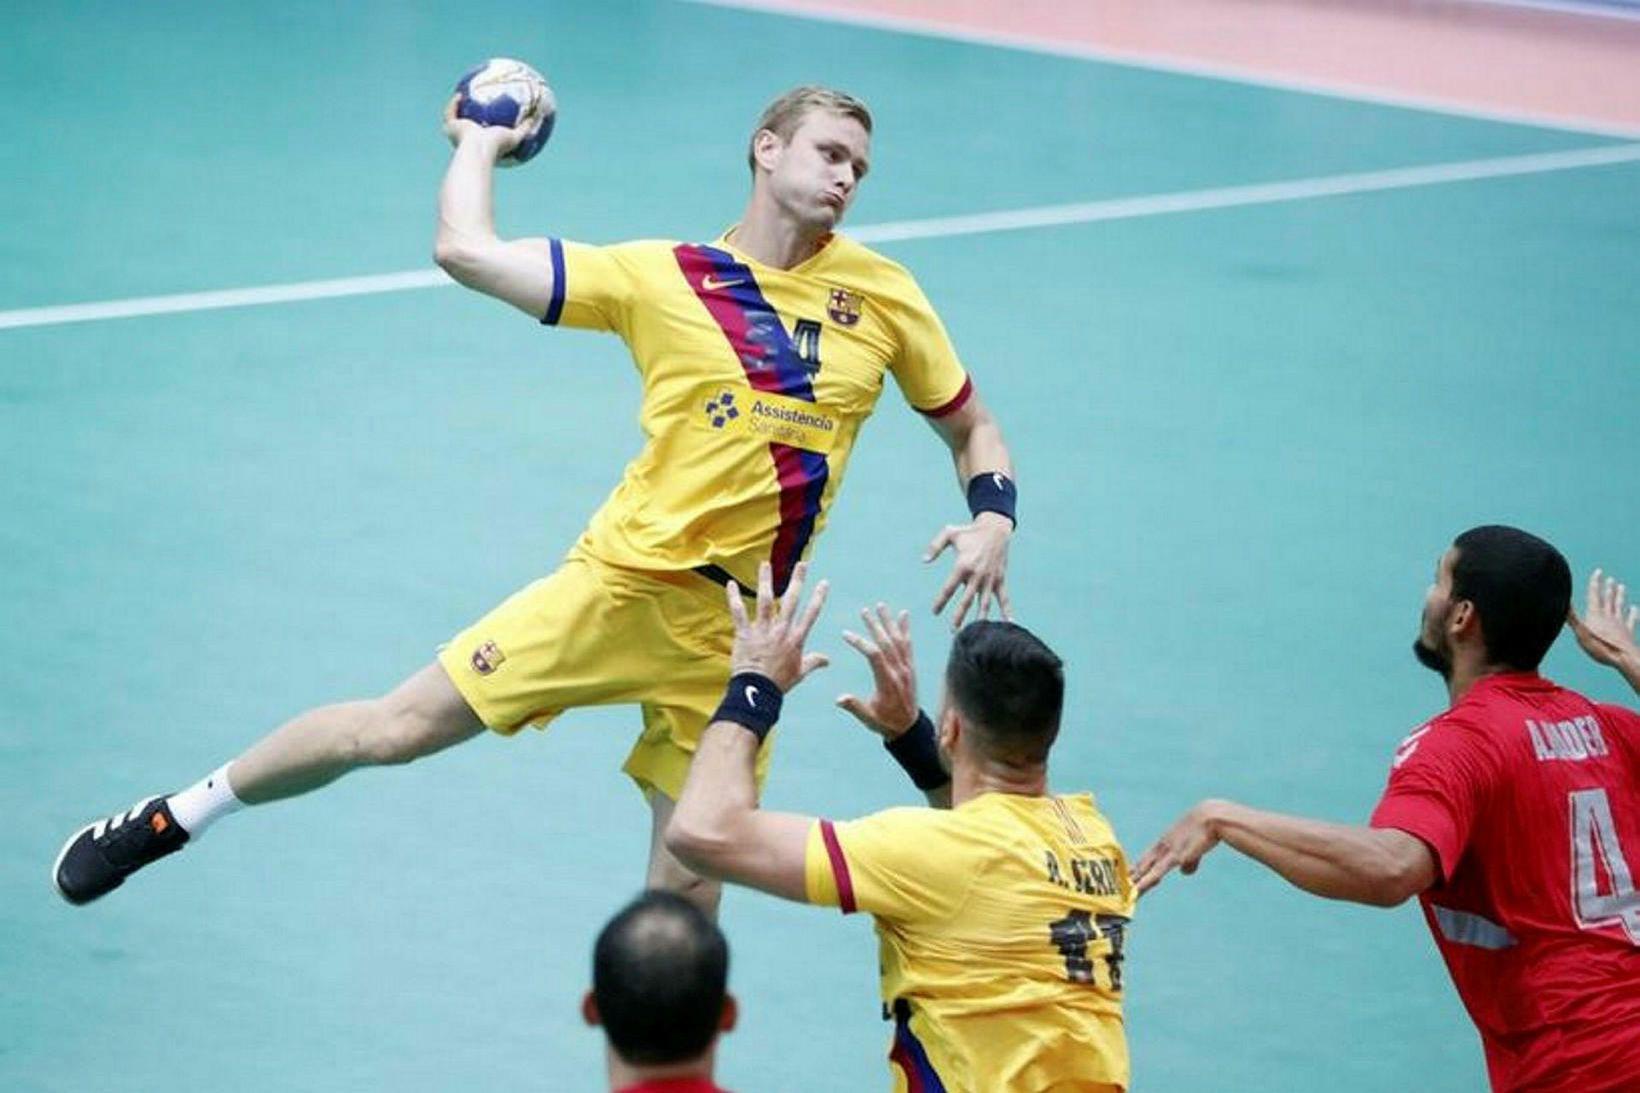 Aron Pálmarsson átti góðan leik fyrir Barcelona í stórleiknum.